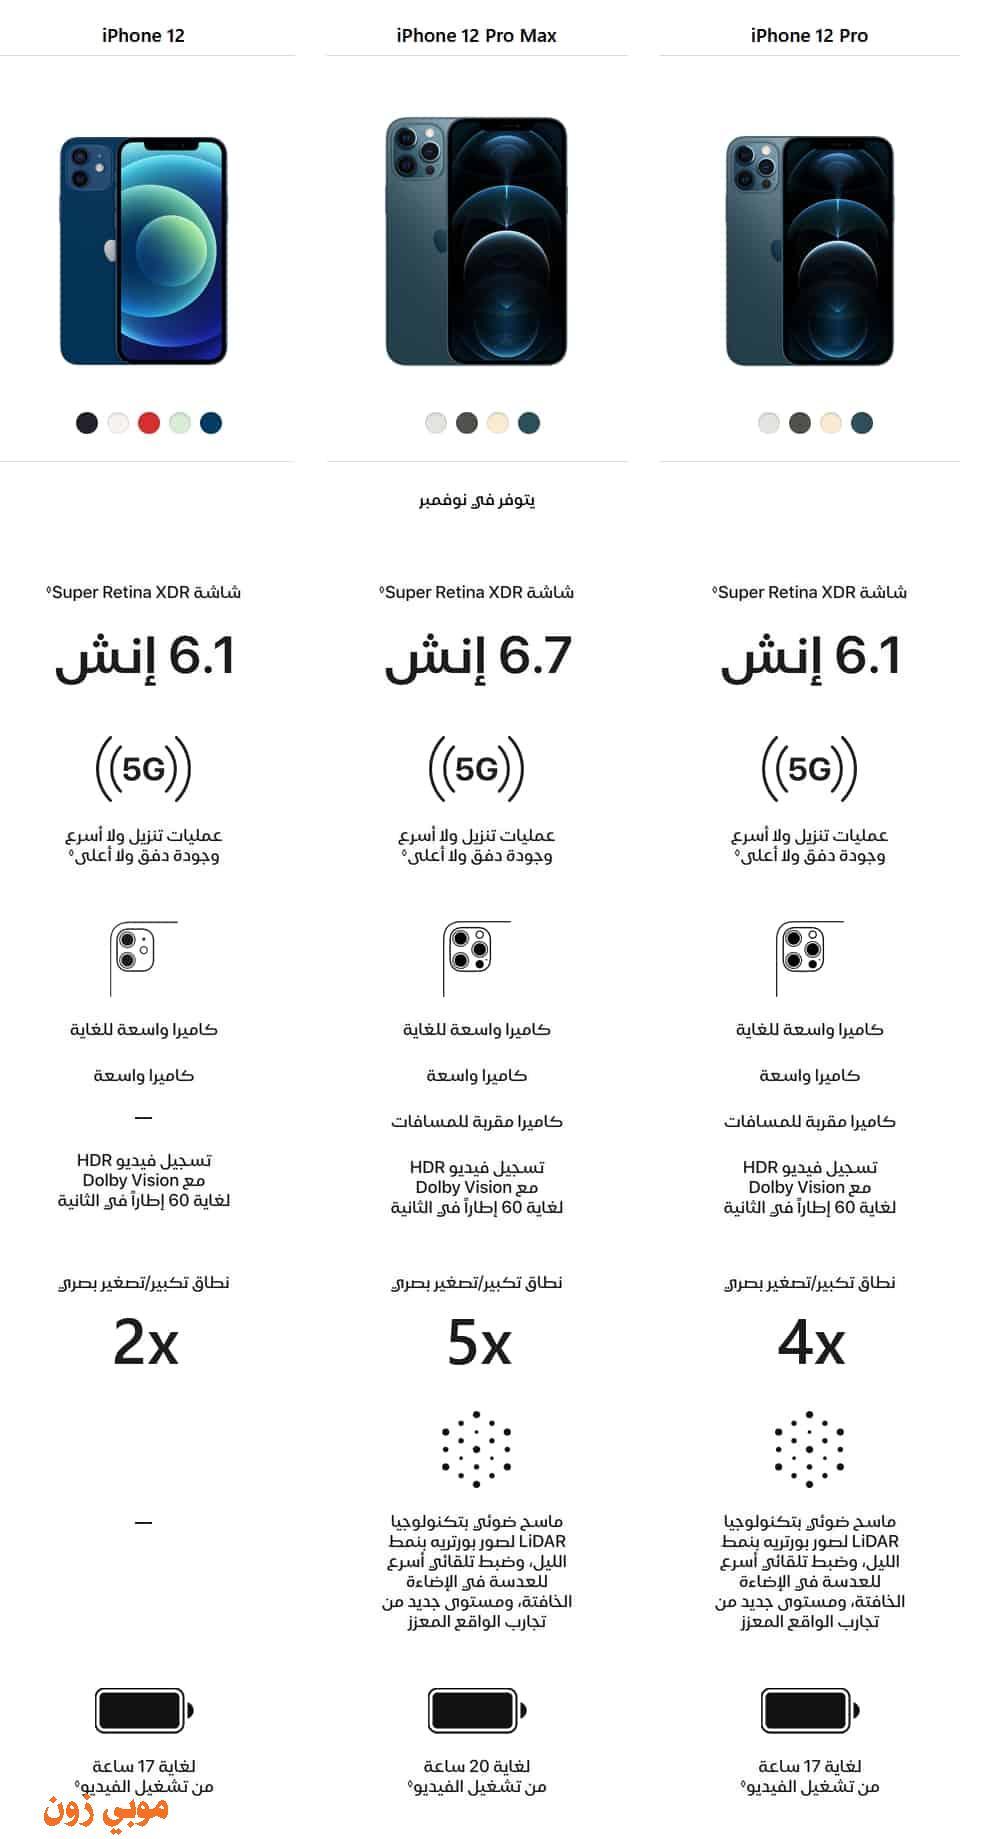 مقارنة بين إصدارات الايفون 12